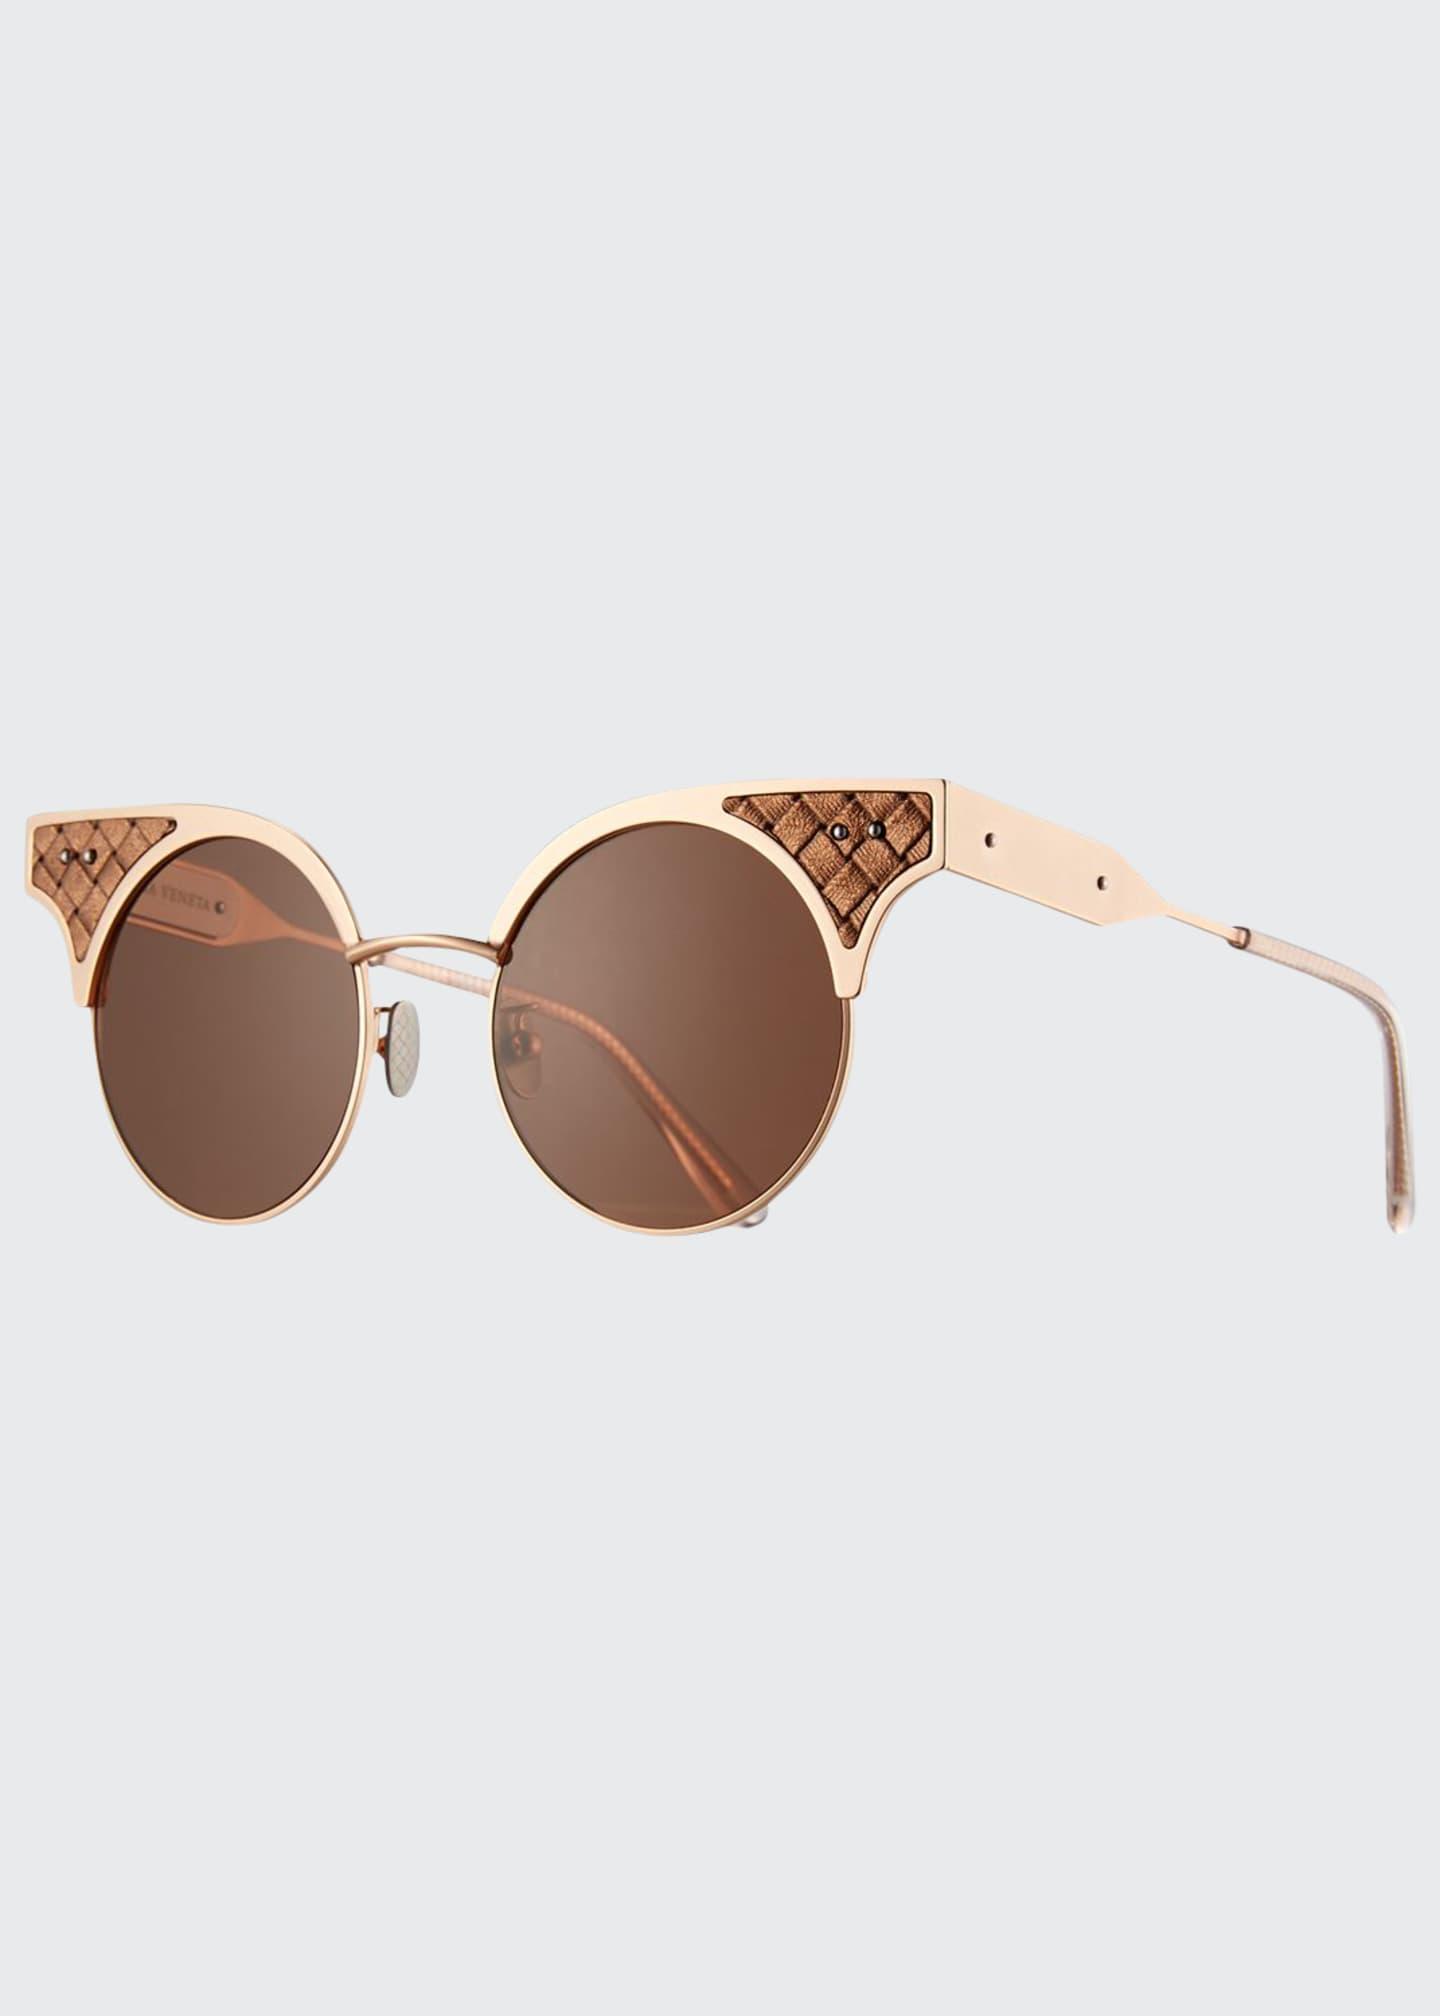 Bottega Veneta Round Metal Intrecciato Sunglasses